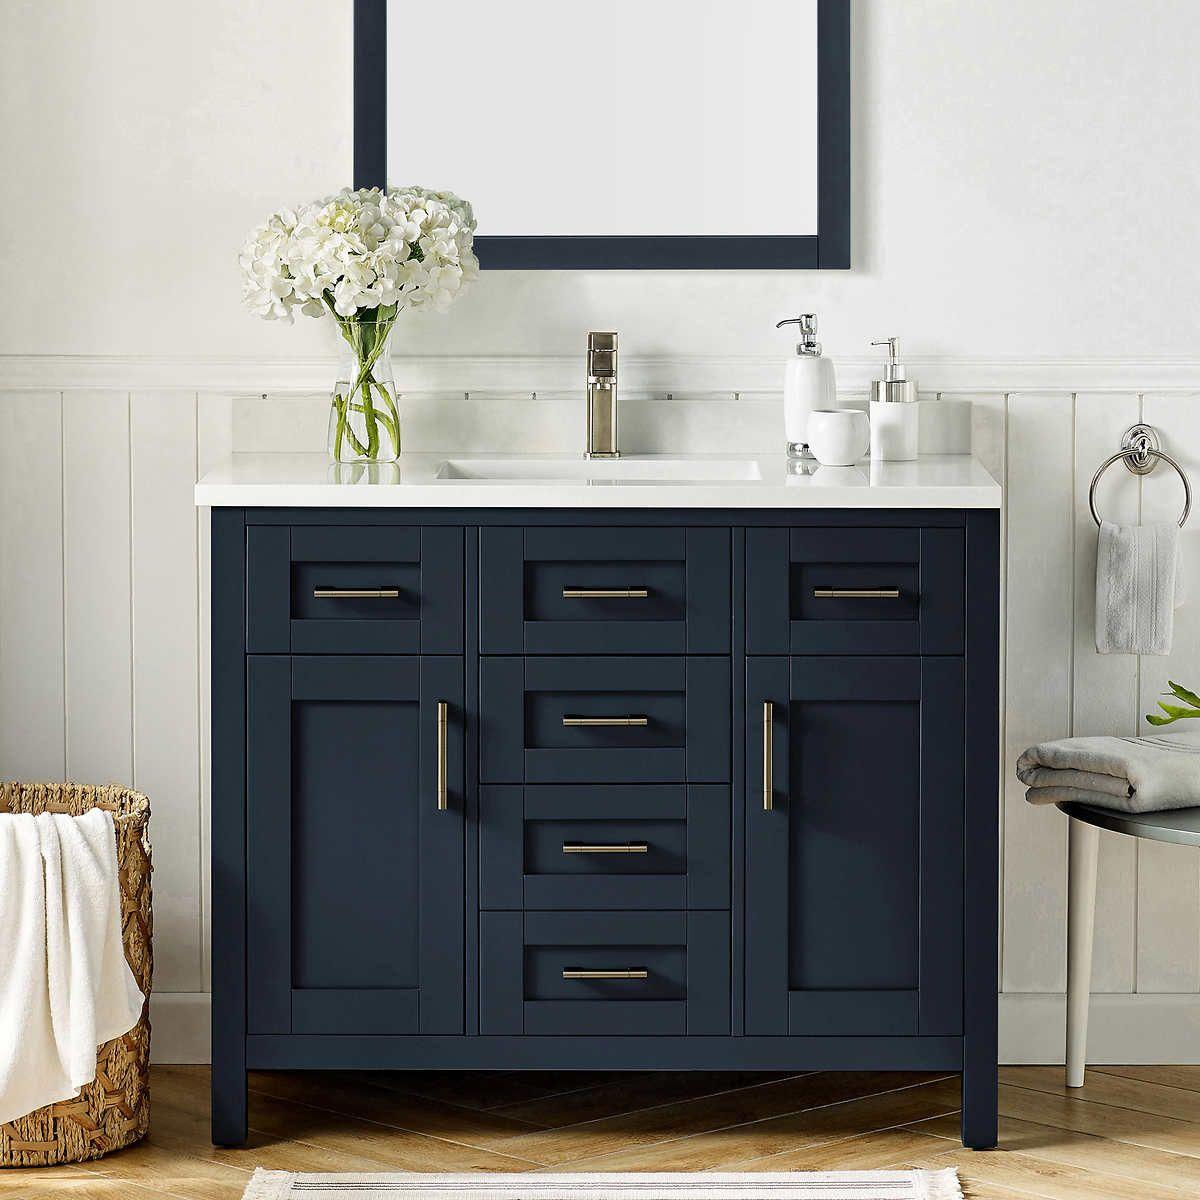 lakeview 42 bathroom vanity by ove in 2020 white vanity on vanity bathroom id=37979